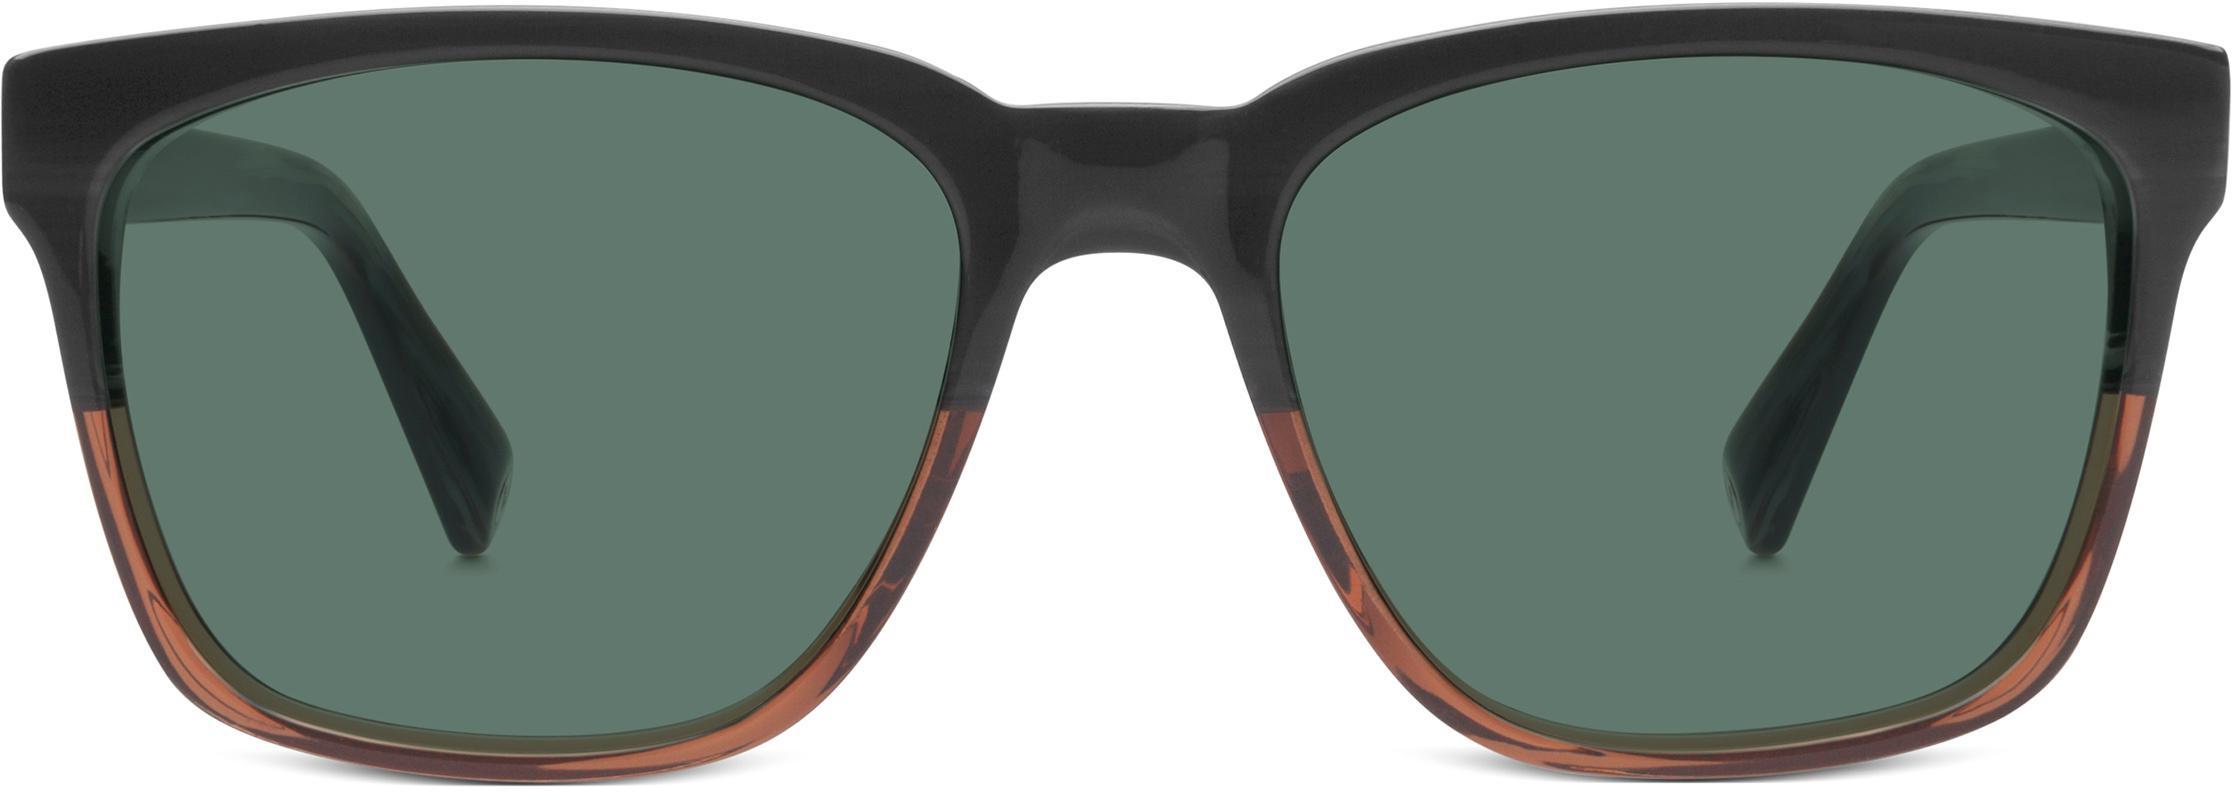 2b9ccc20b5f Men s Sunglasses